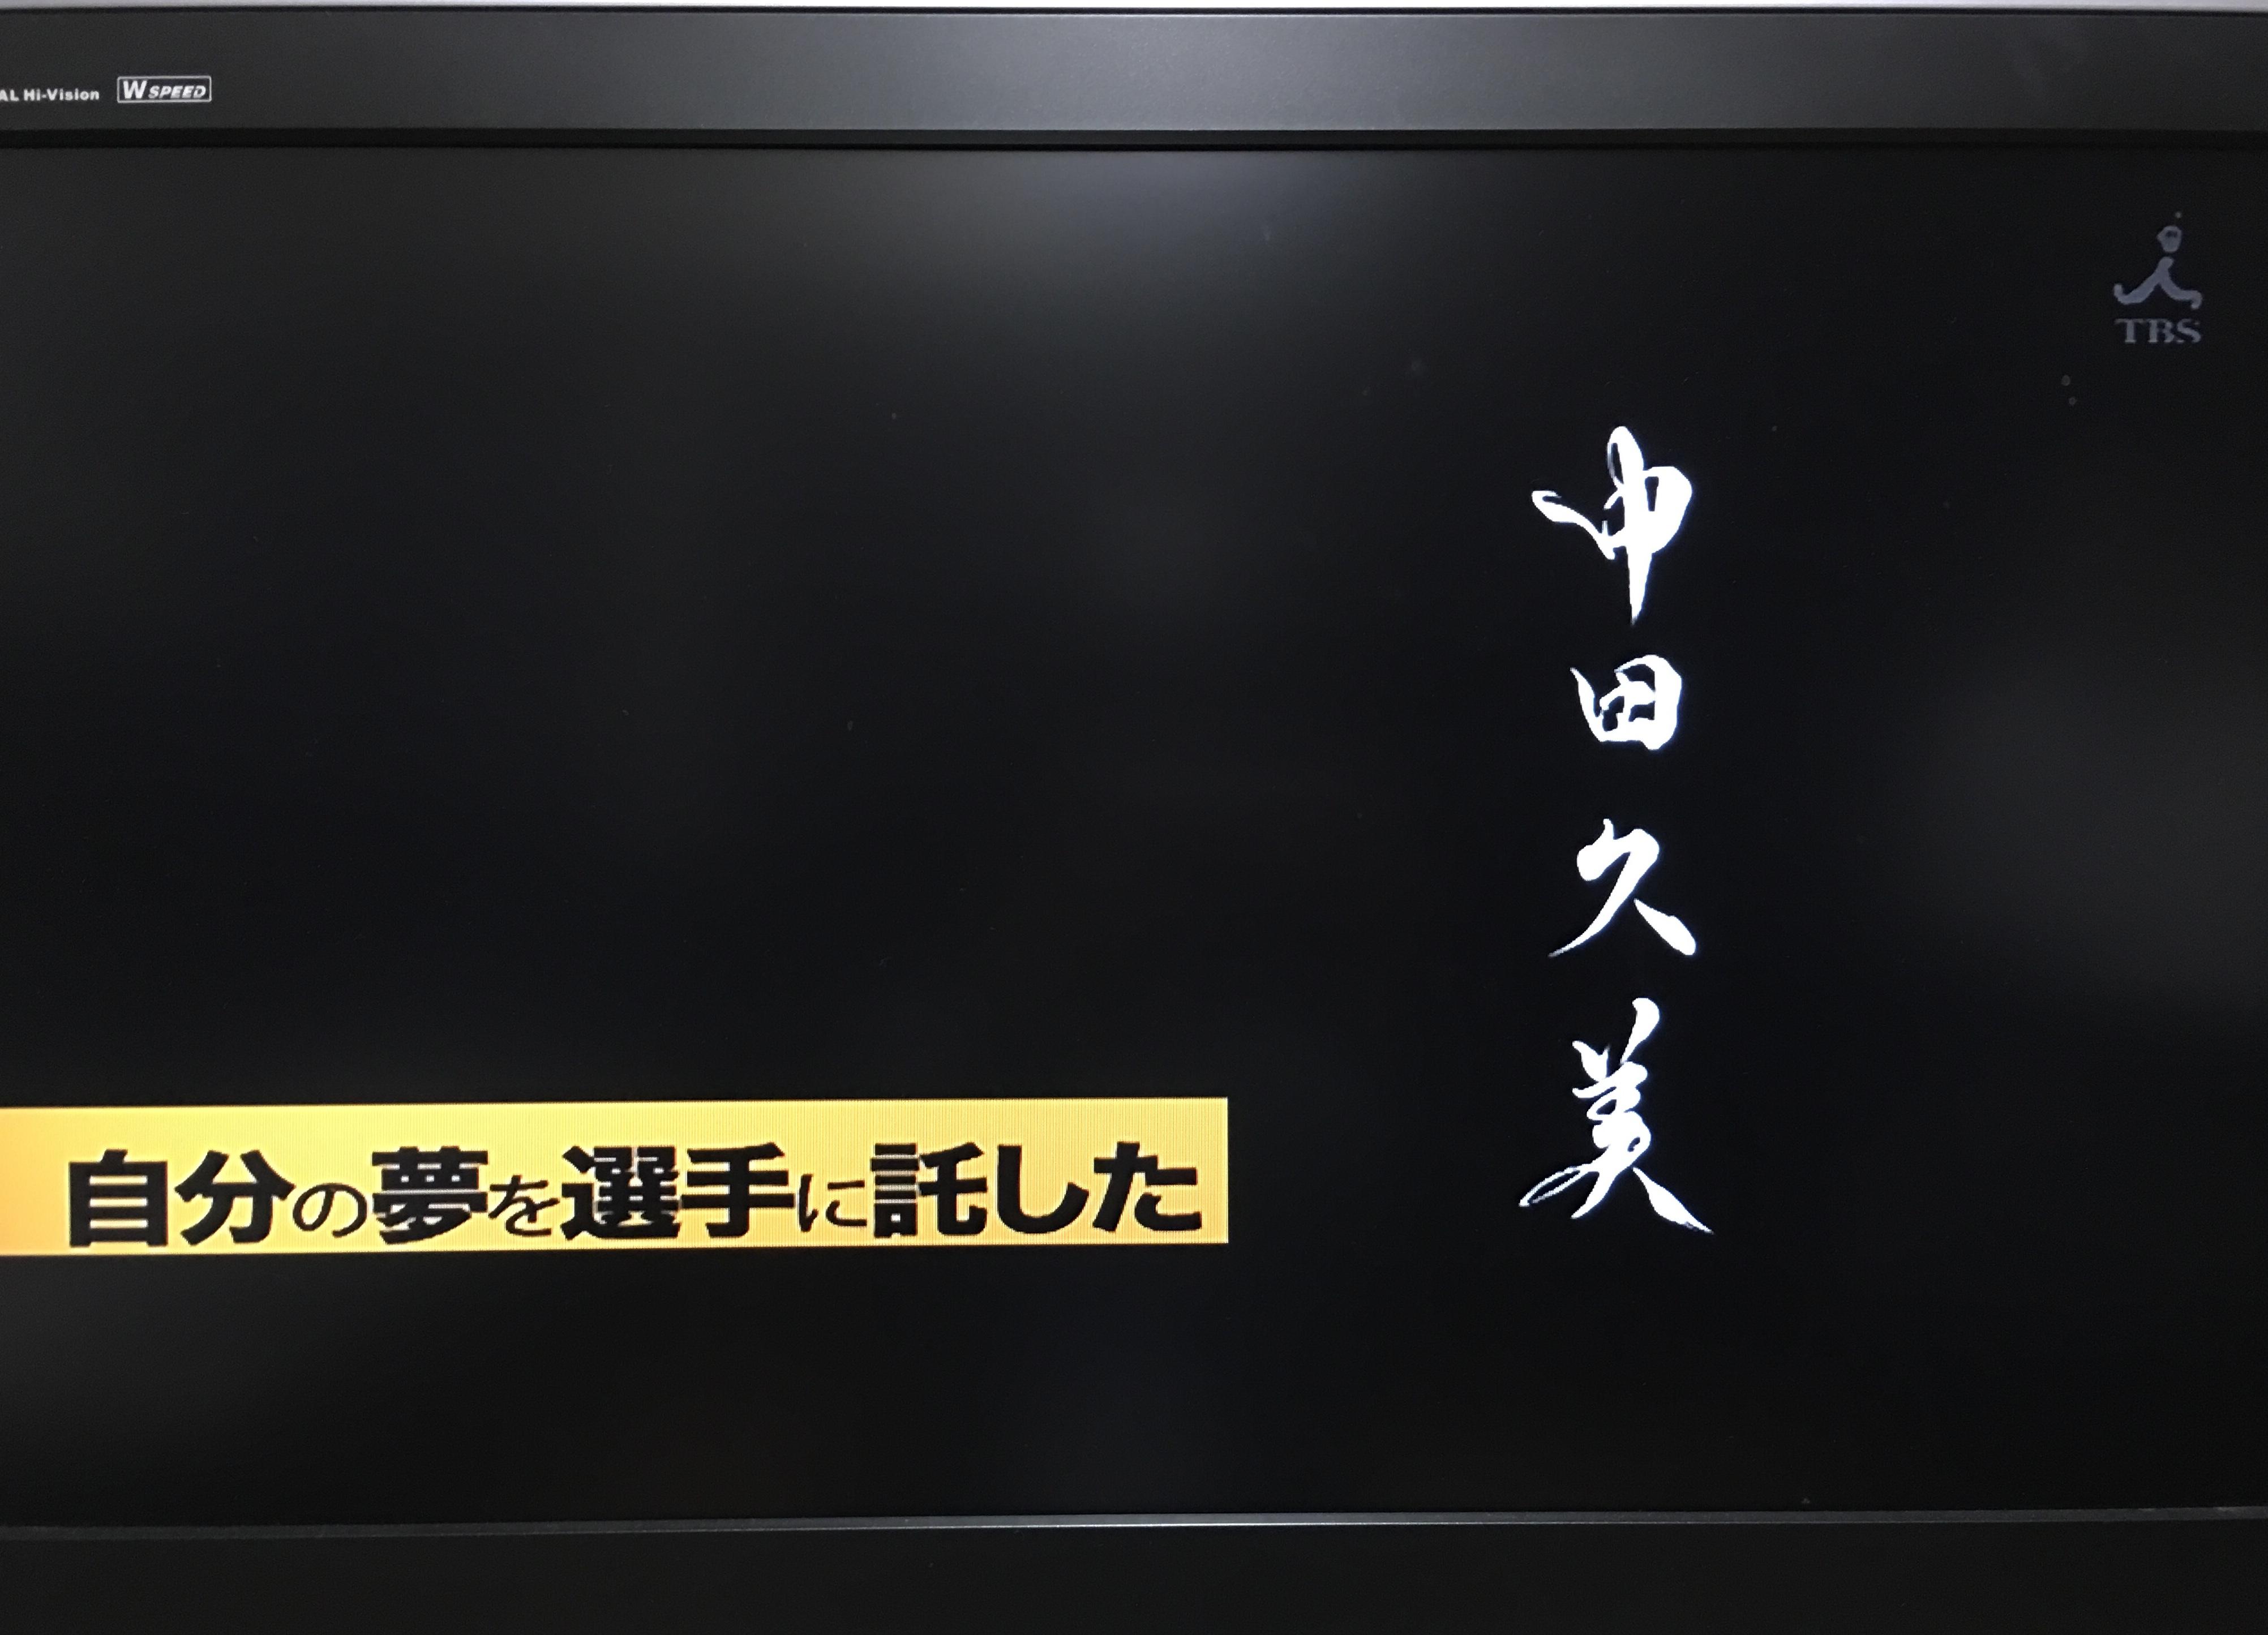 TBSテレビ「2018 世界バレー」事前番組使用作品『中田久美』